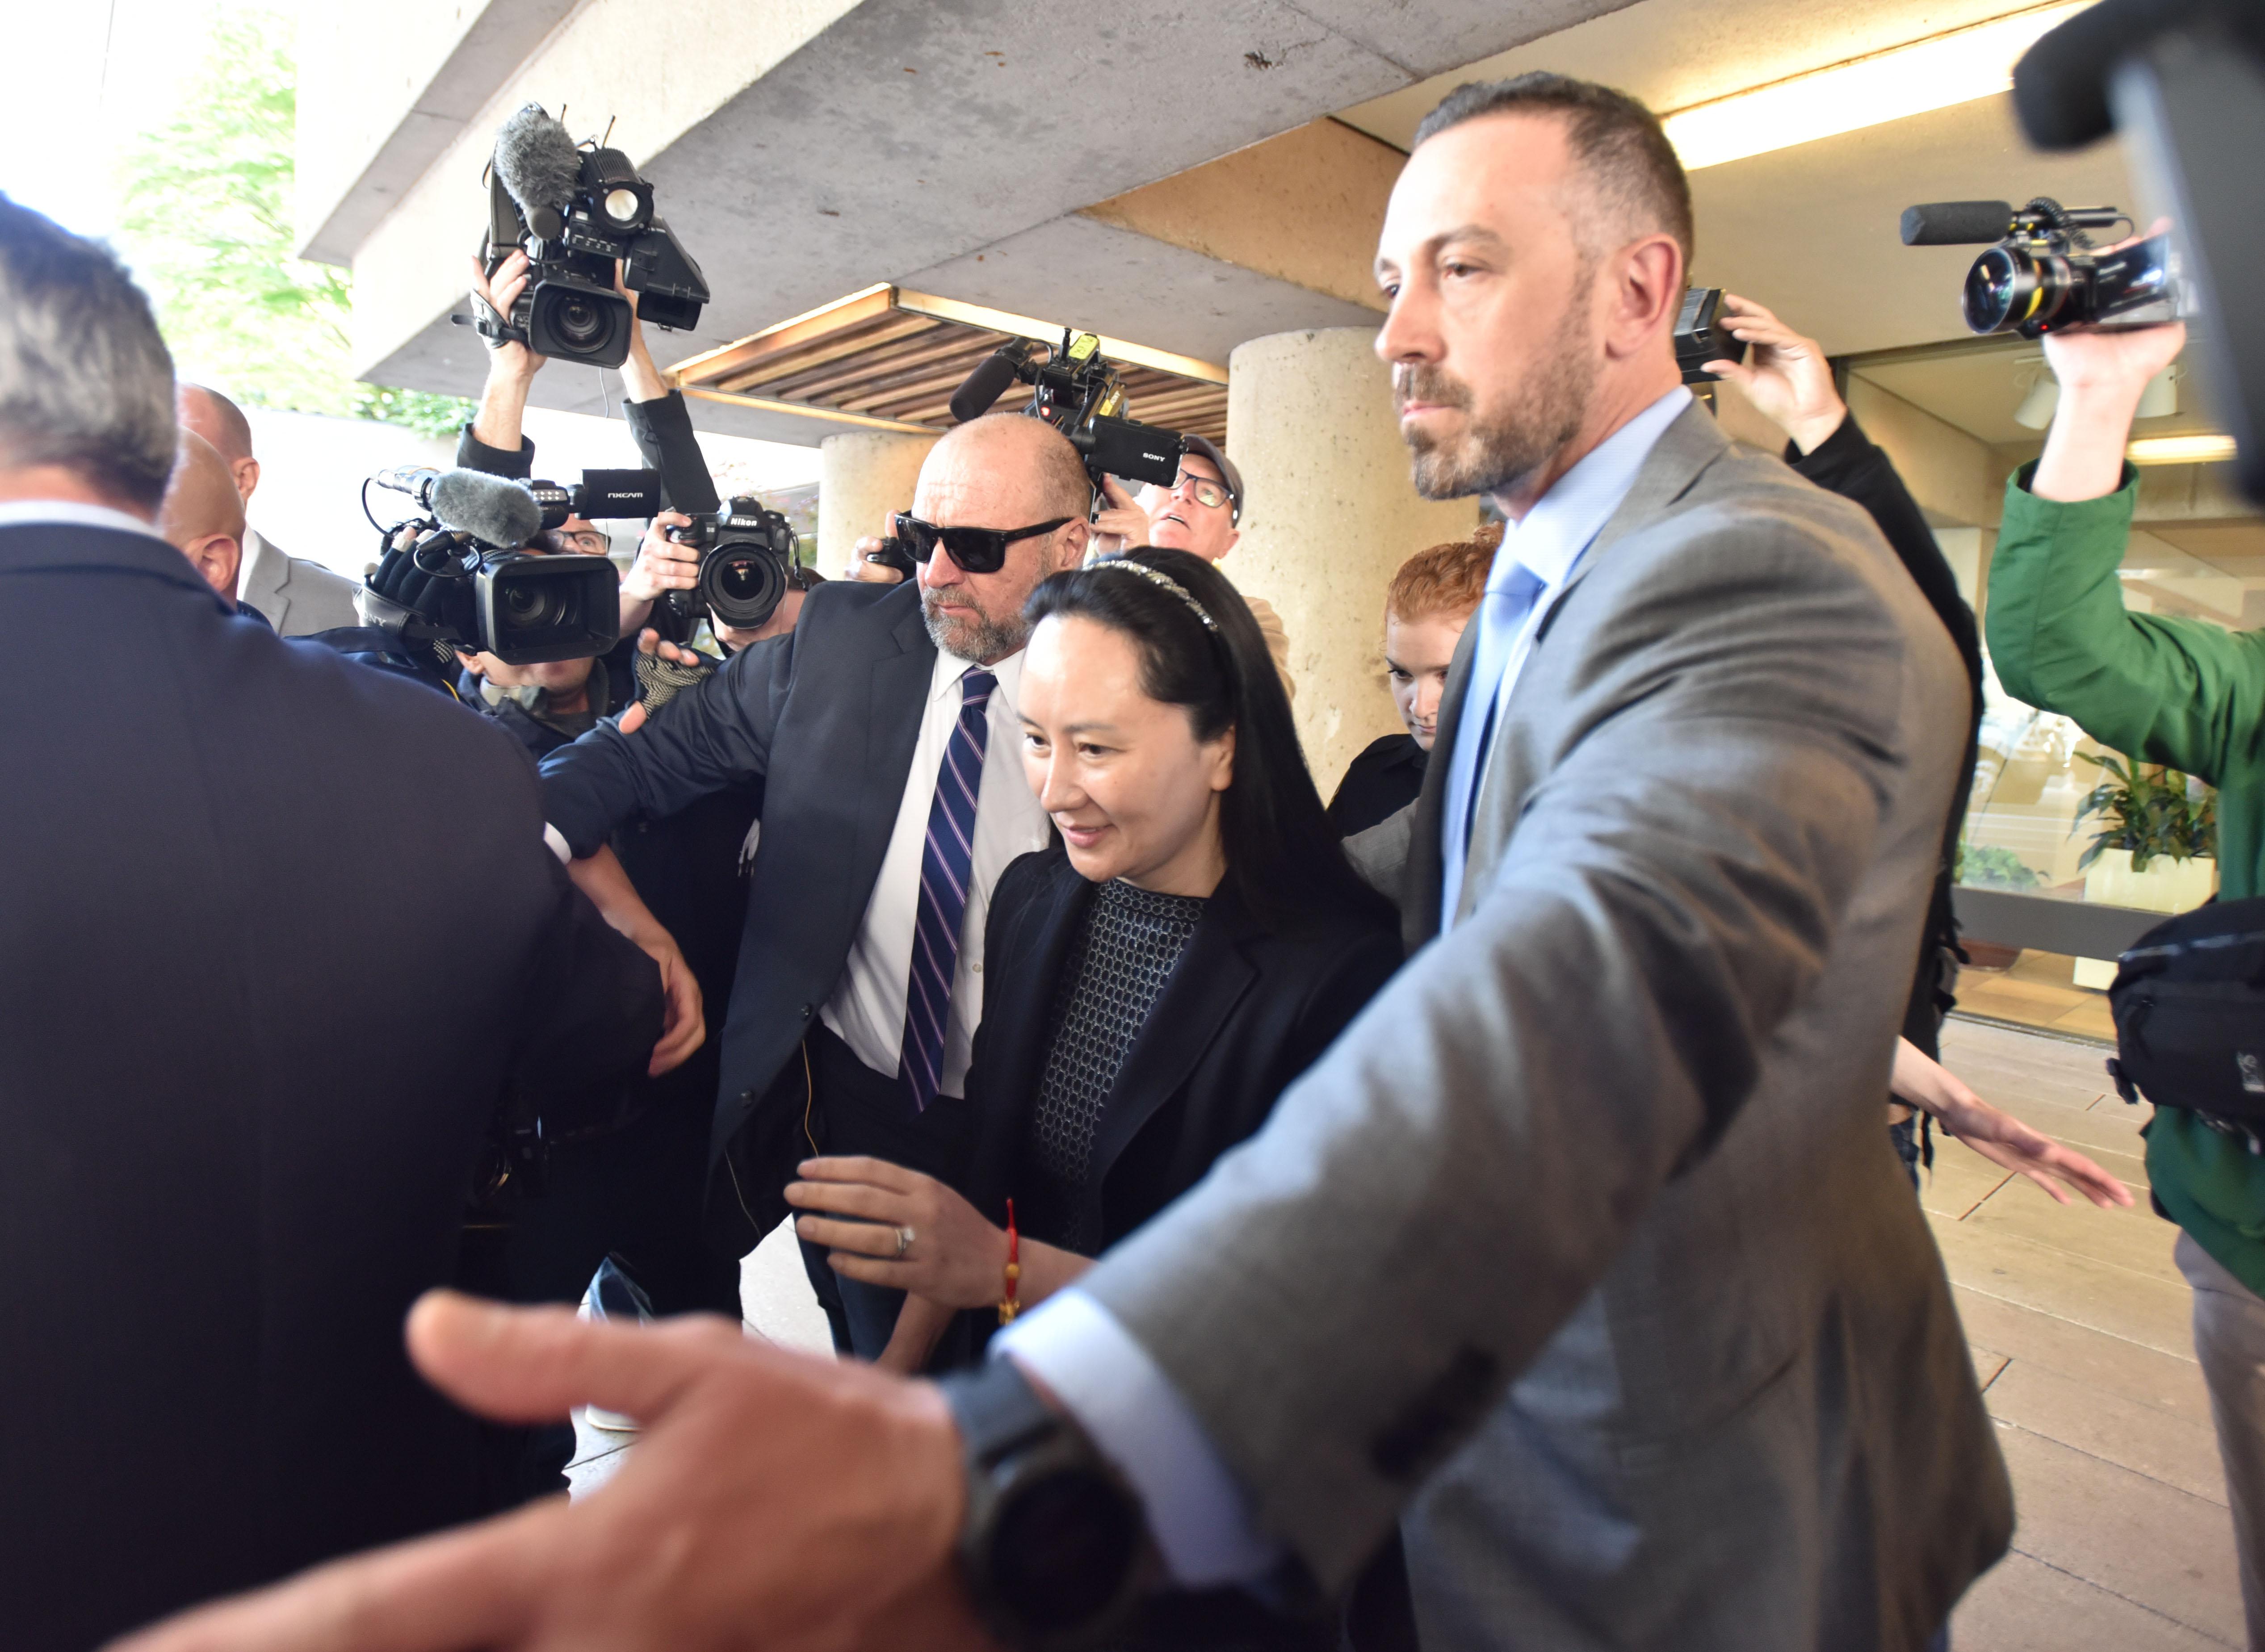 孟晚舟引渡案定明年1月20日 大温哥华展开审讯